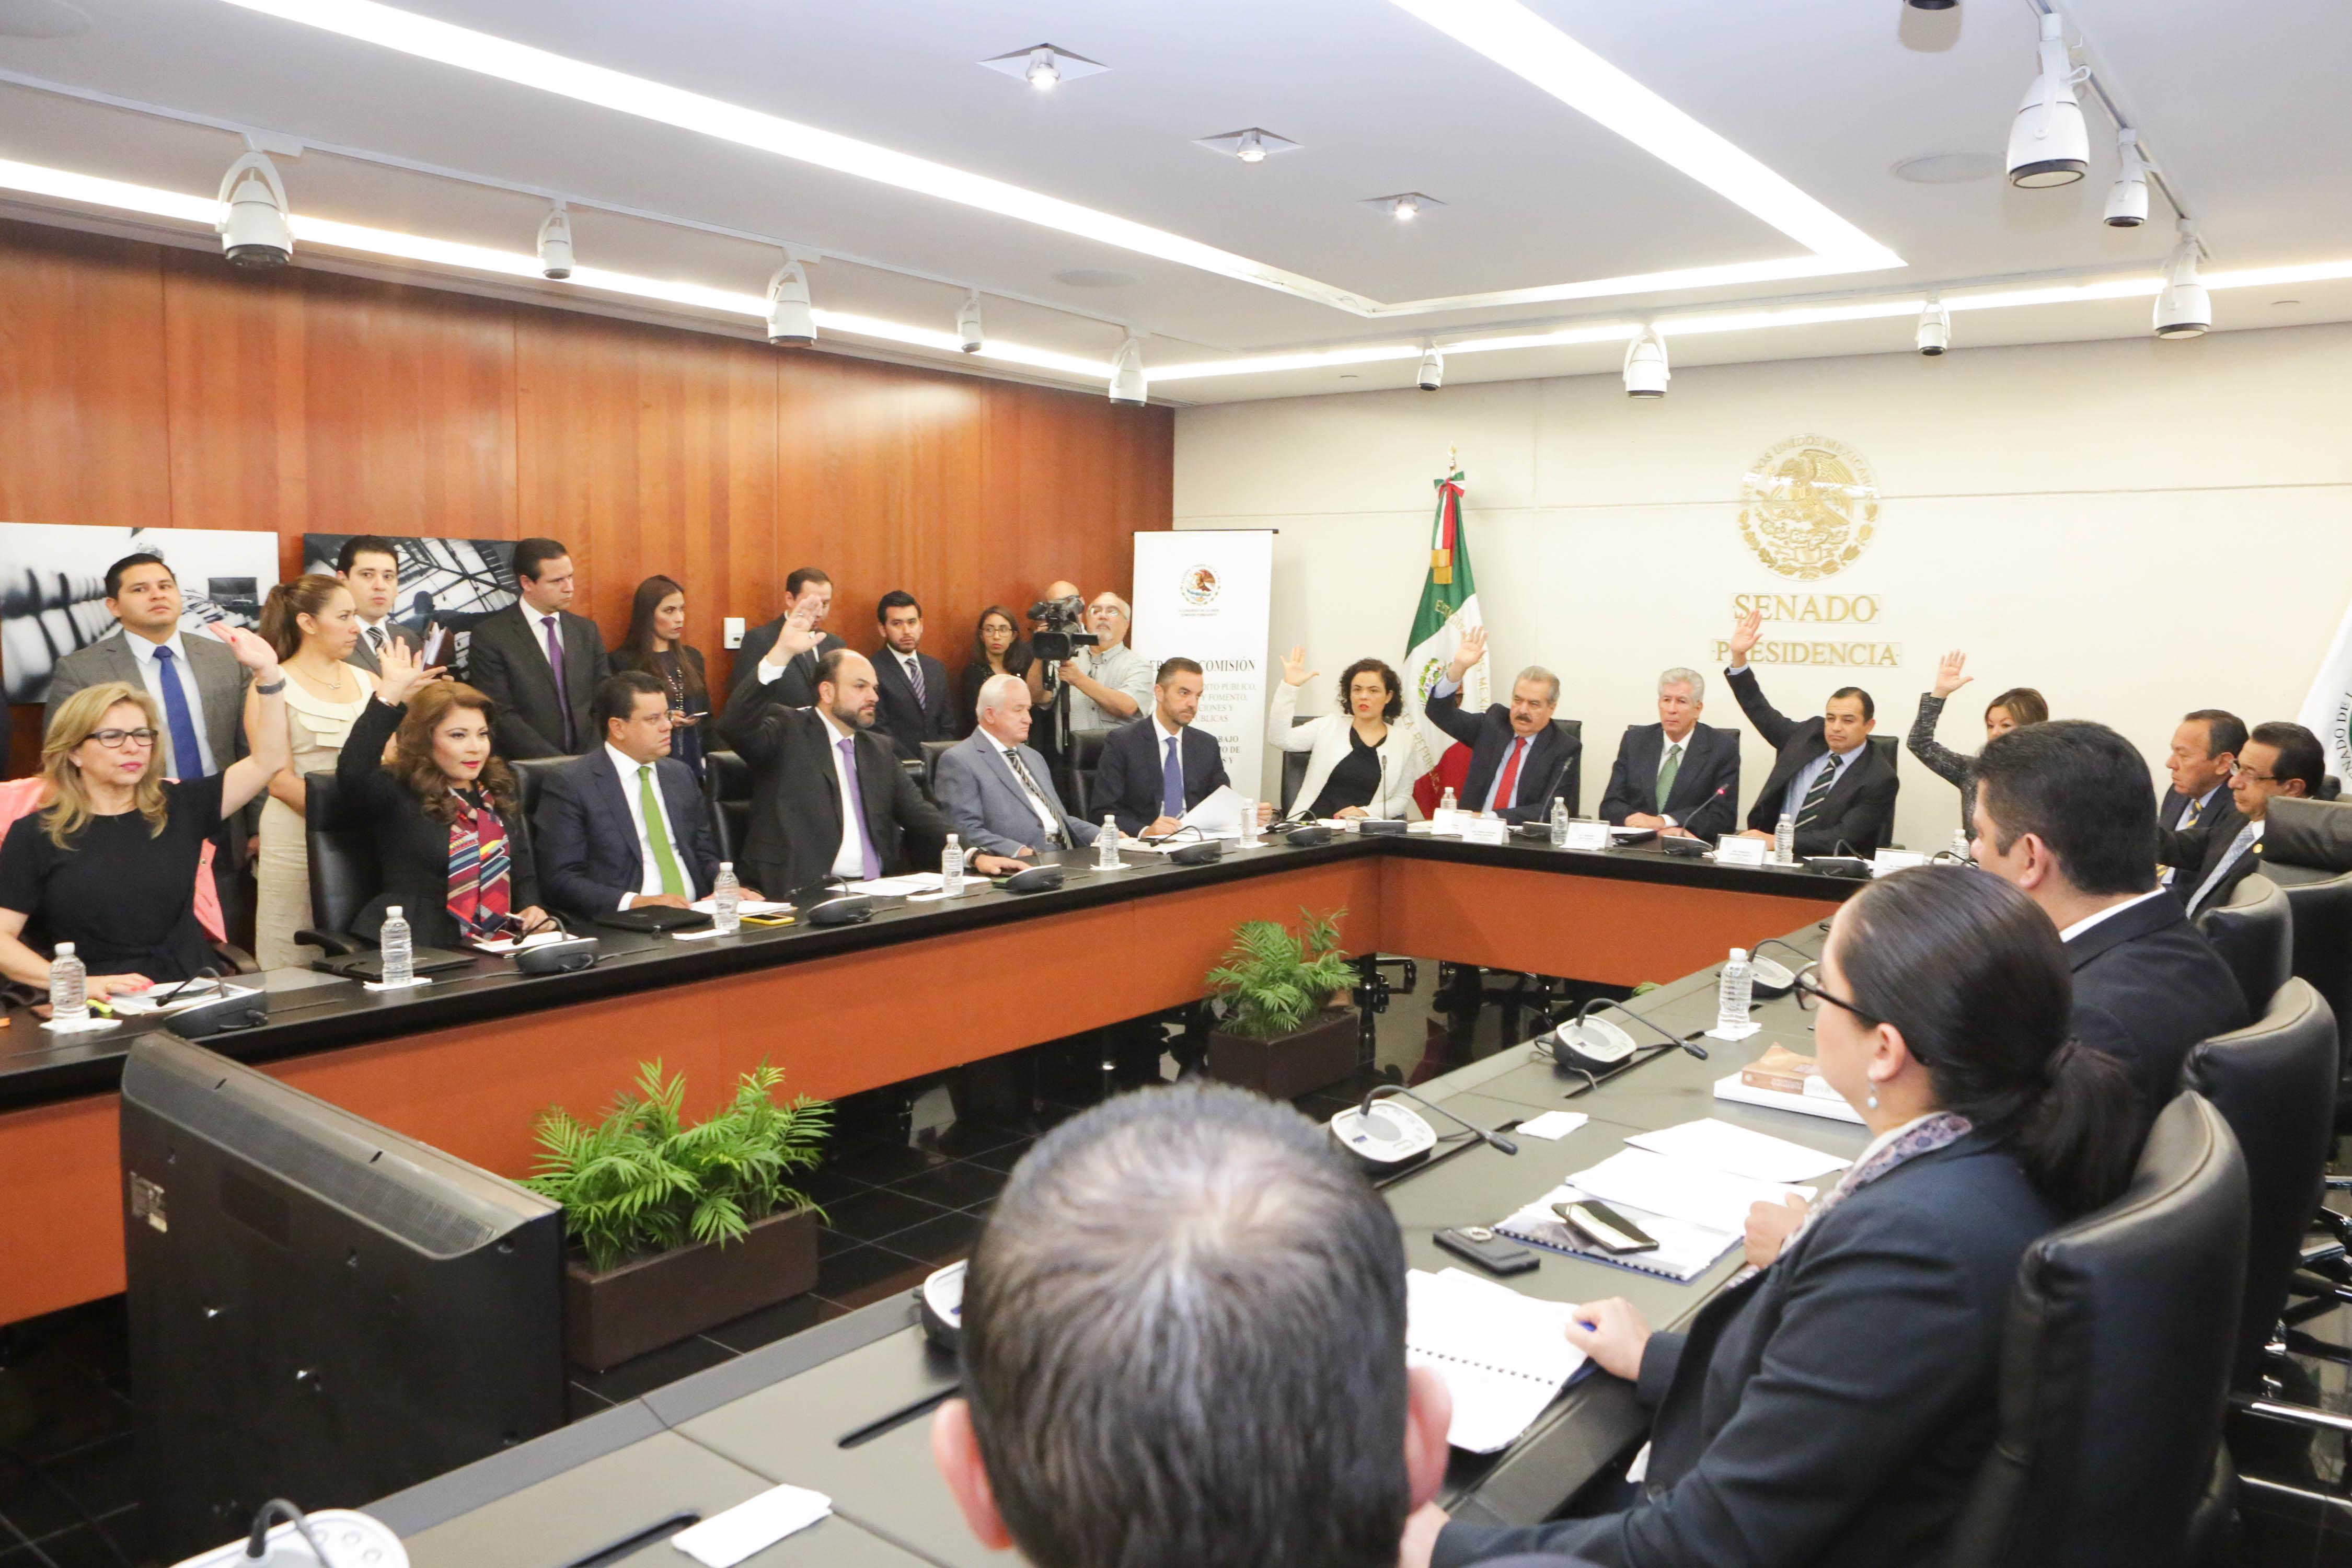 Empresas deben responder por Paso Exprés, señala Ruiz Esparza a senadores y diputados